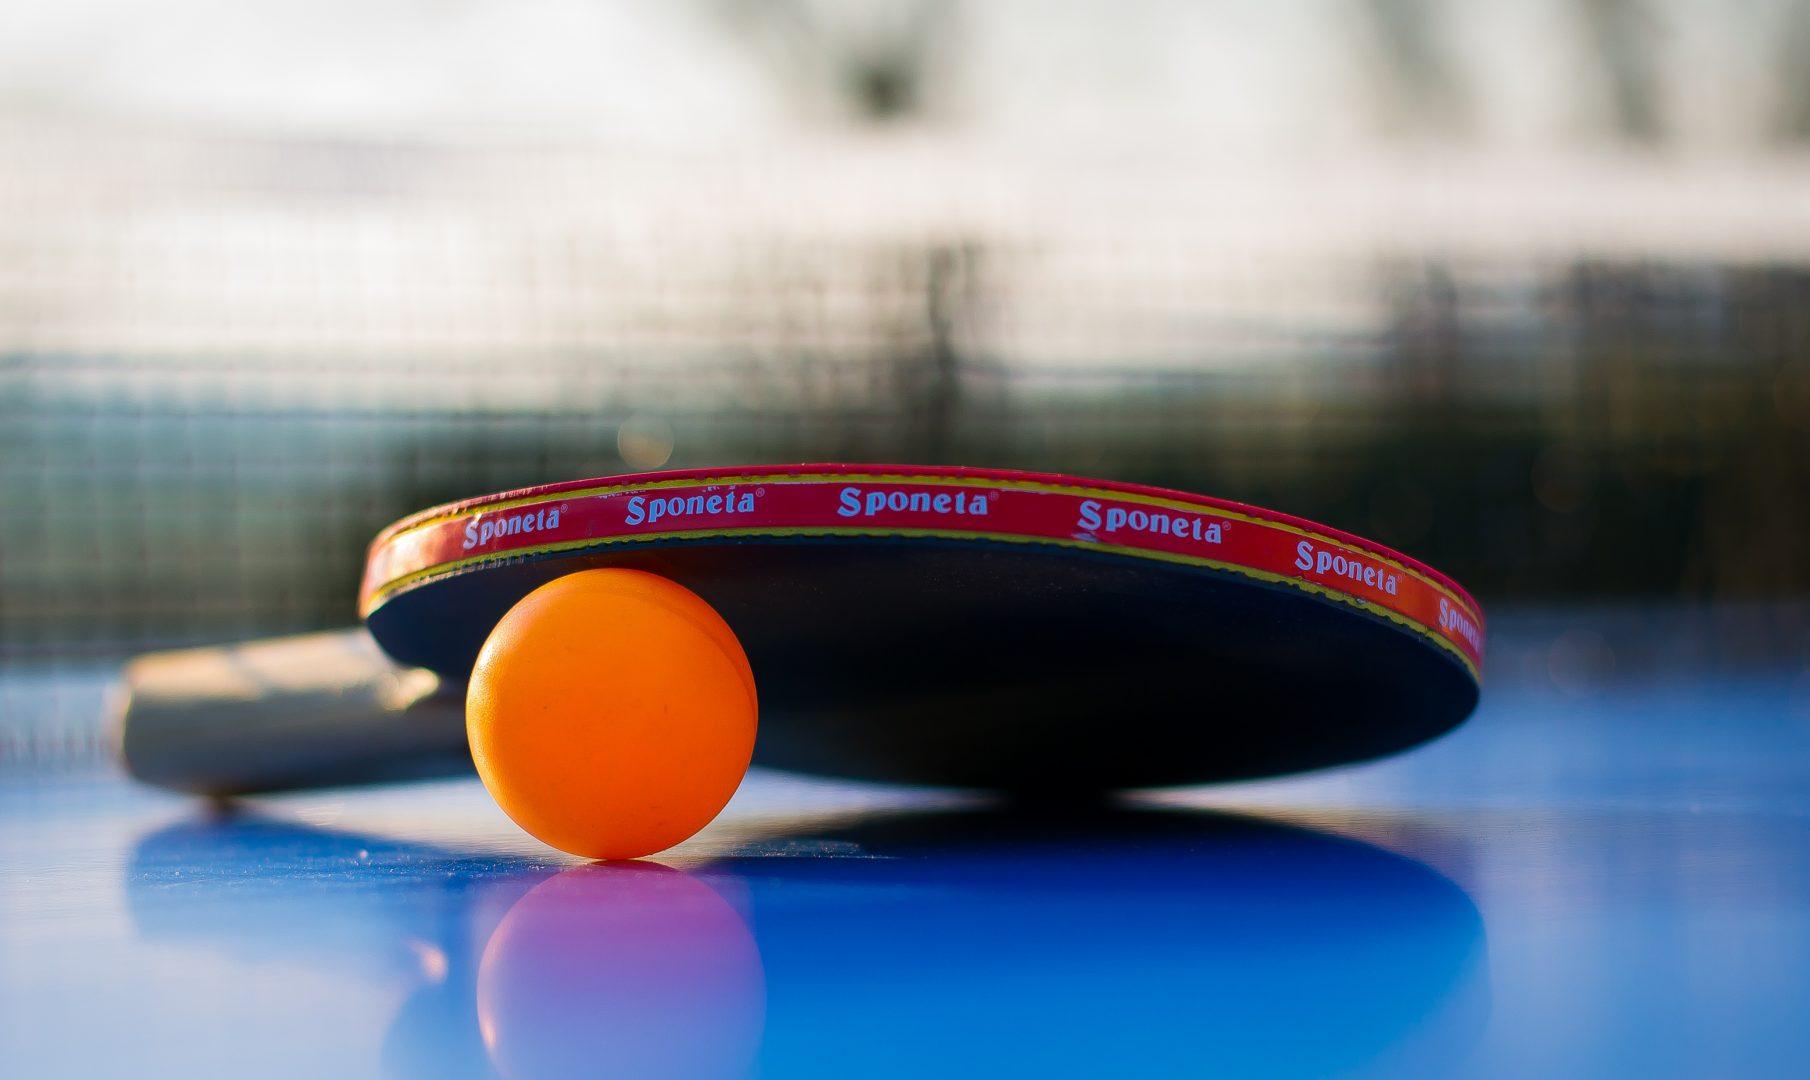 【初心者必見】ブチギレの下回転を出す為の練習方法|卓球基本技術レッスン